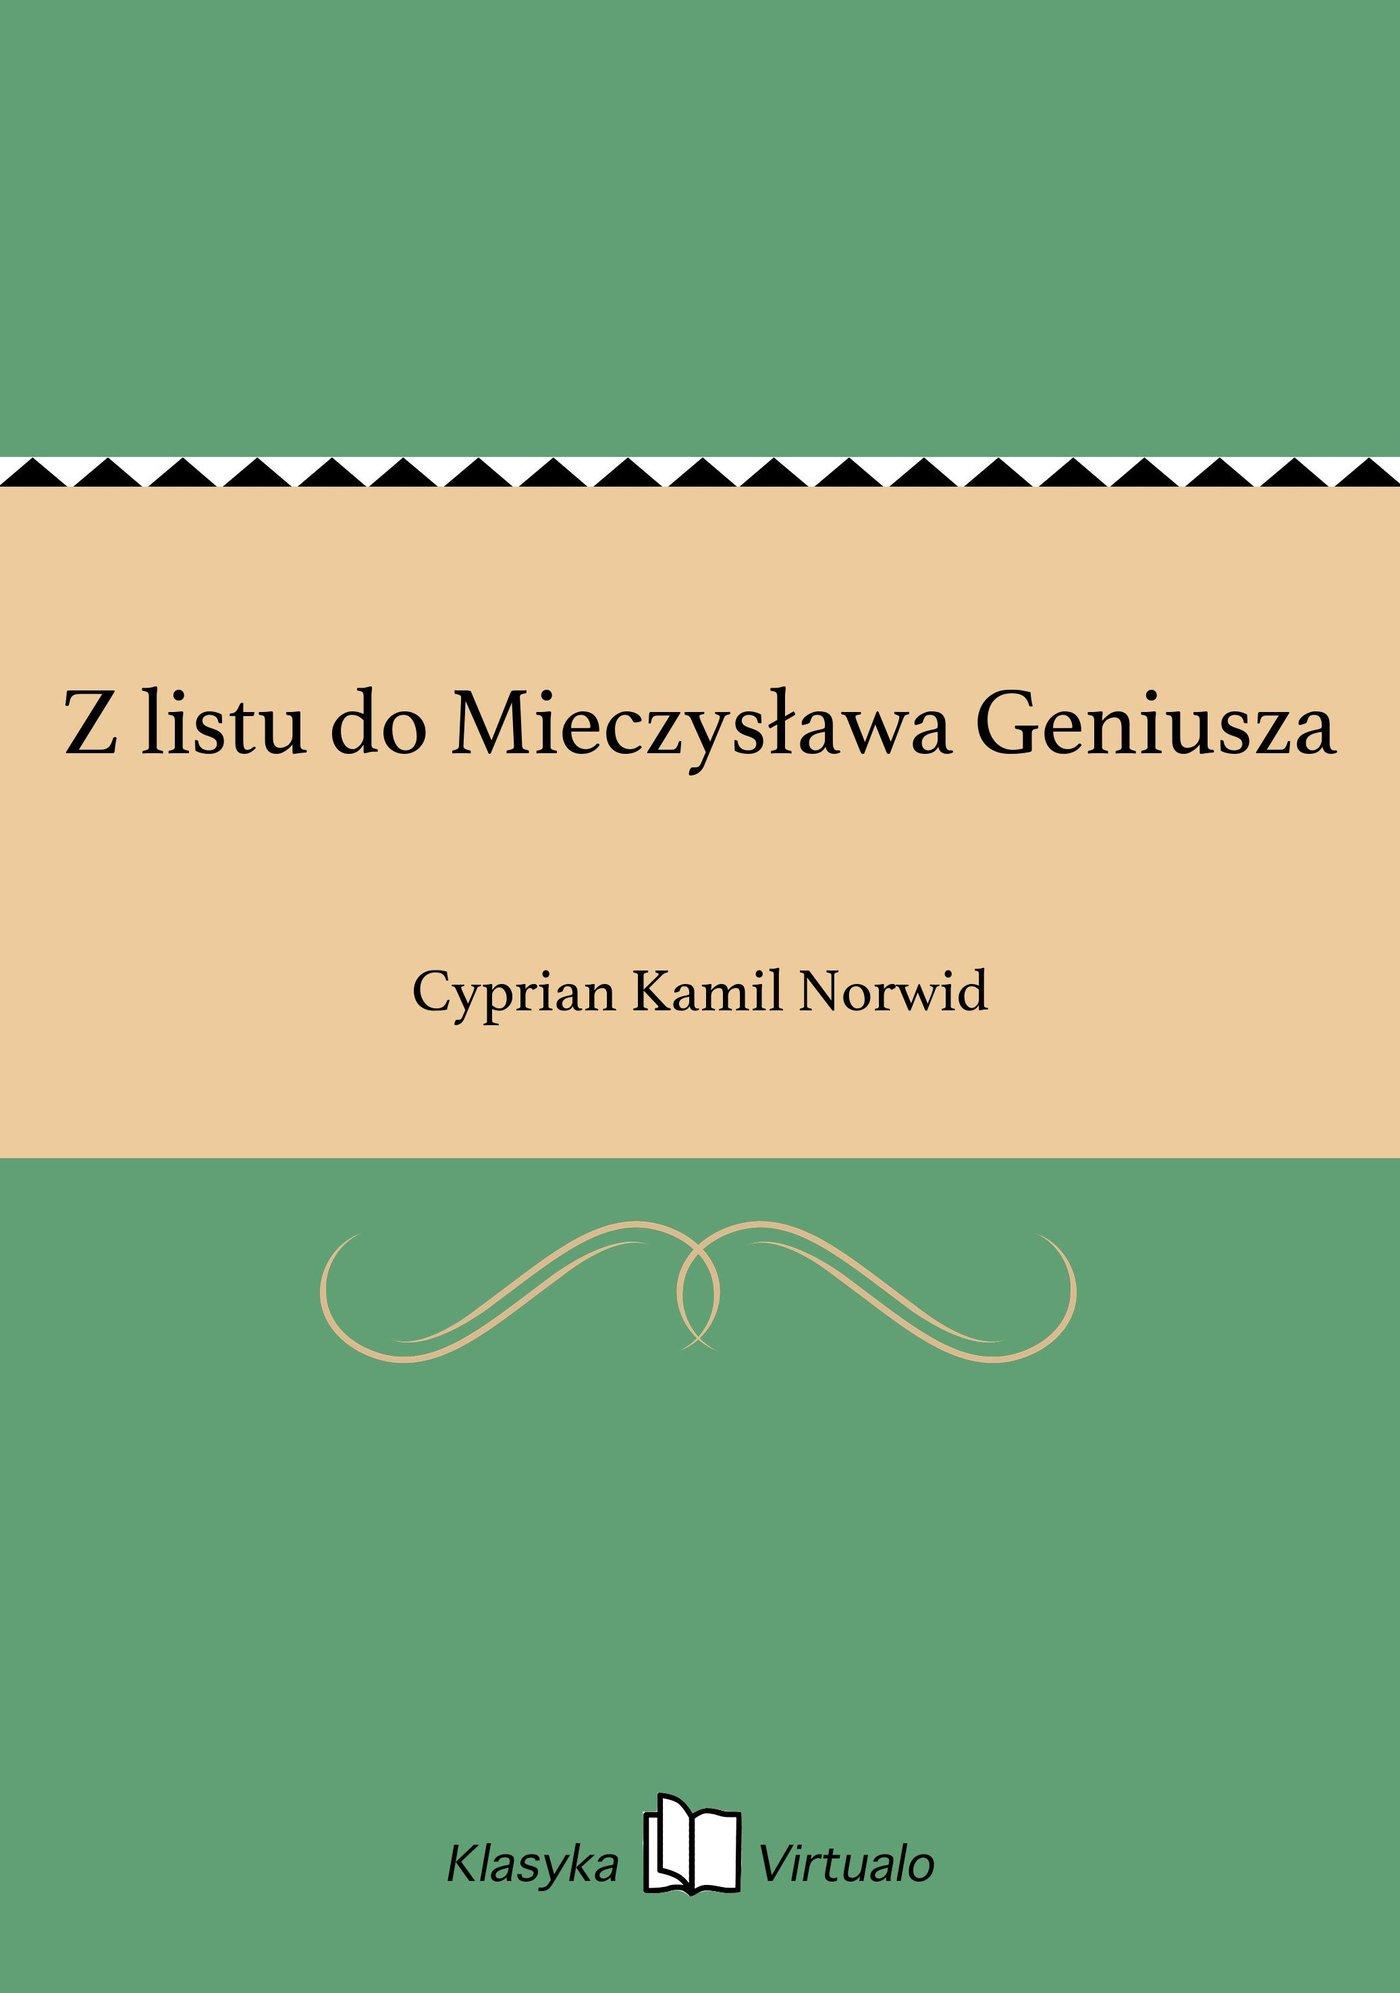 Z listu do Mieczysława Geniusza - Ebook (Książka EPUB) do pobrania w formacie EPUB